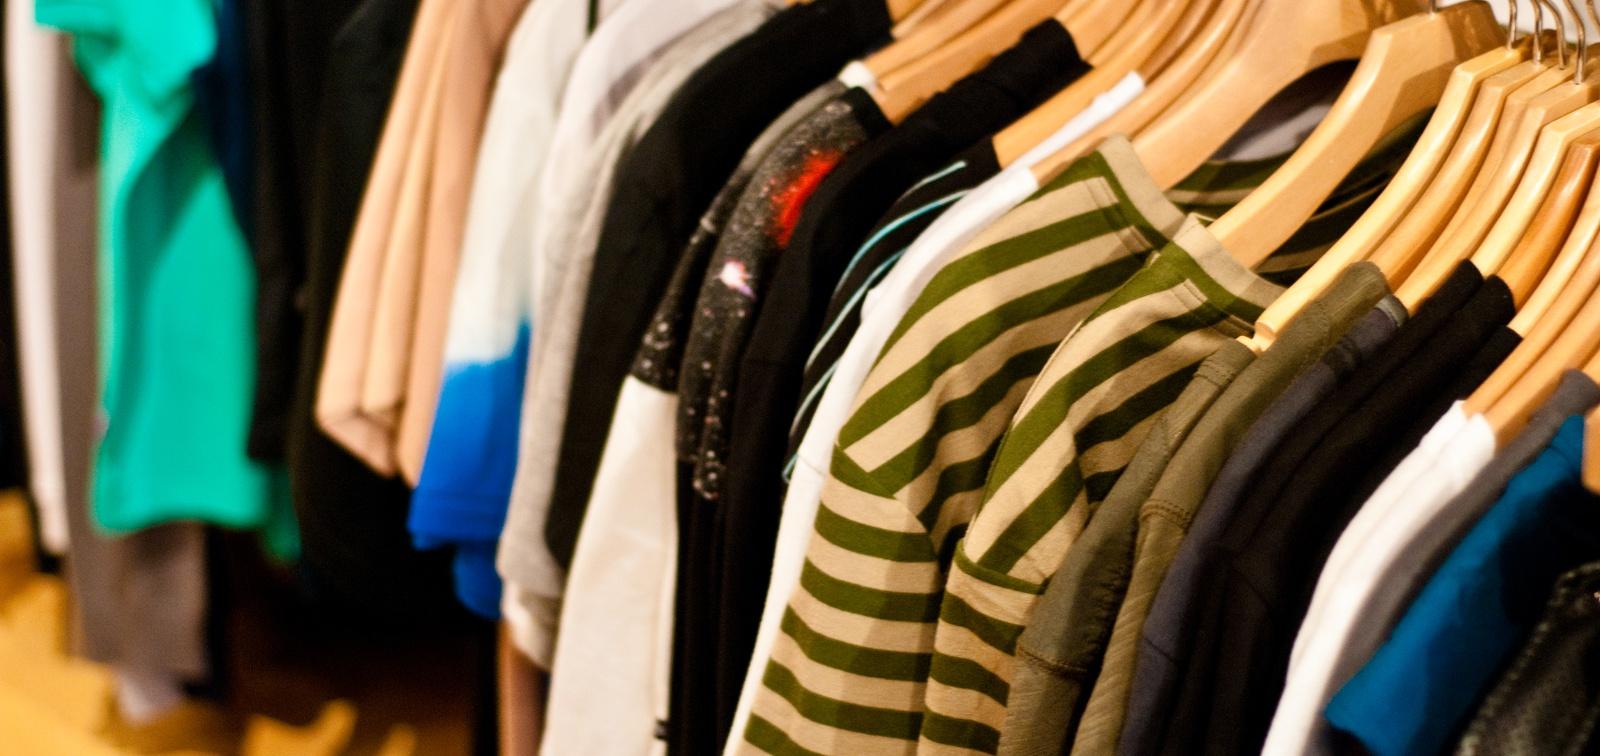 Burlington Coat Factory to pay $20M to end two FLSA suits